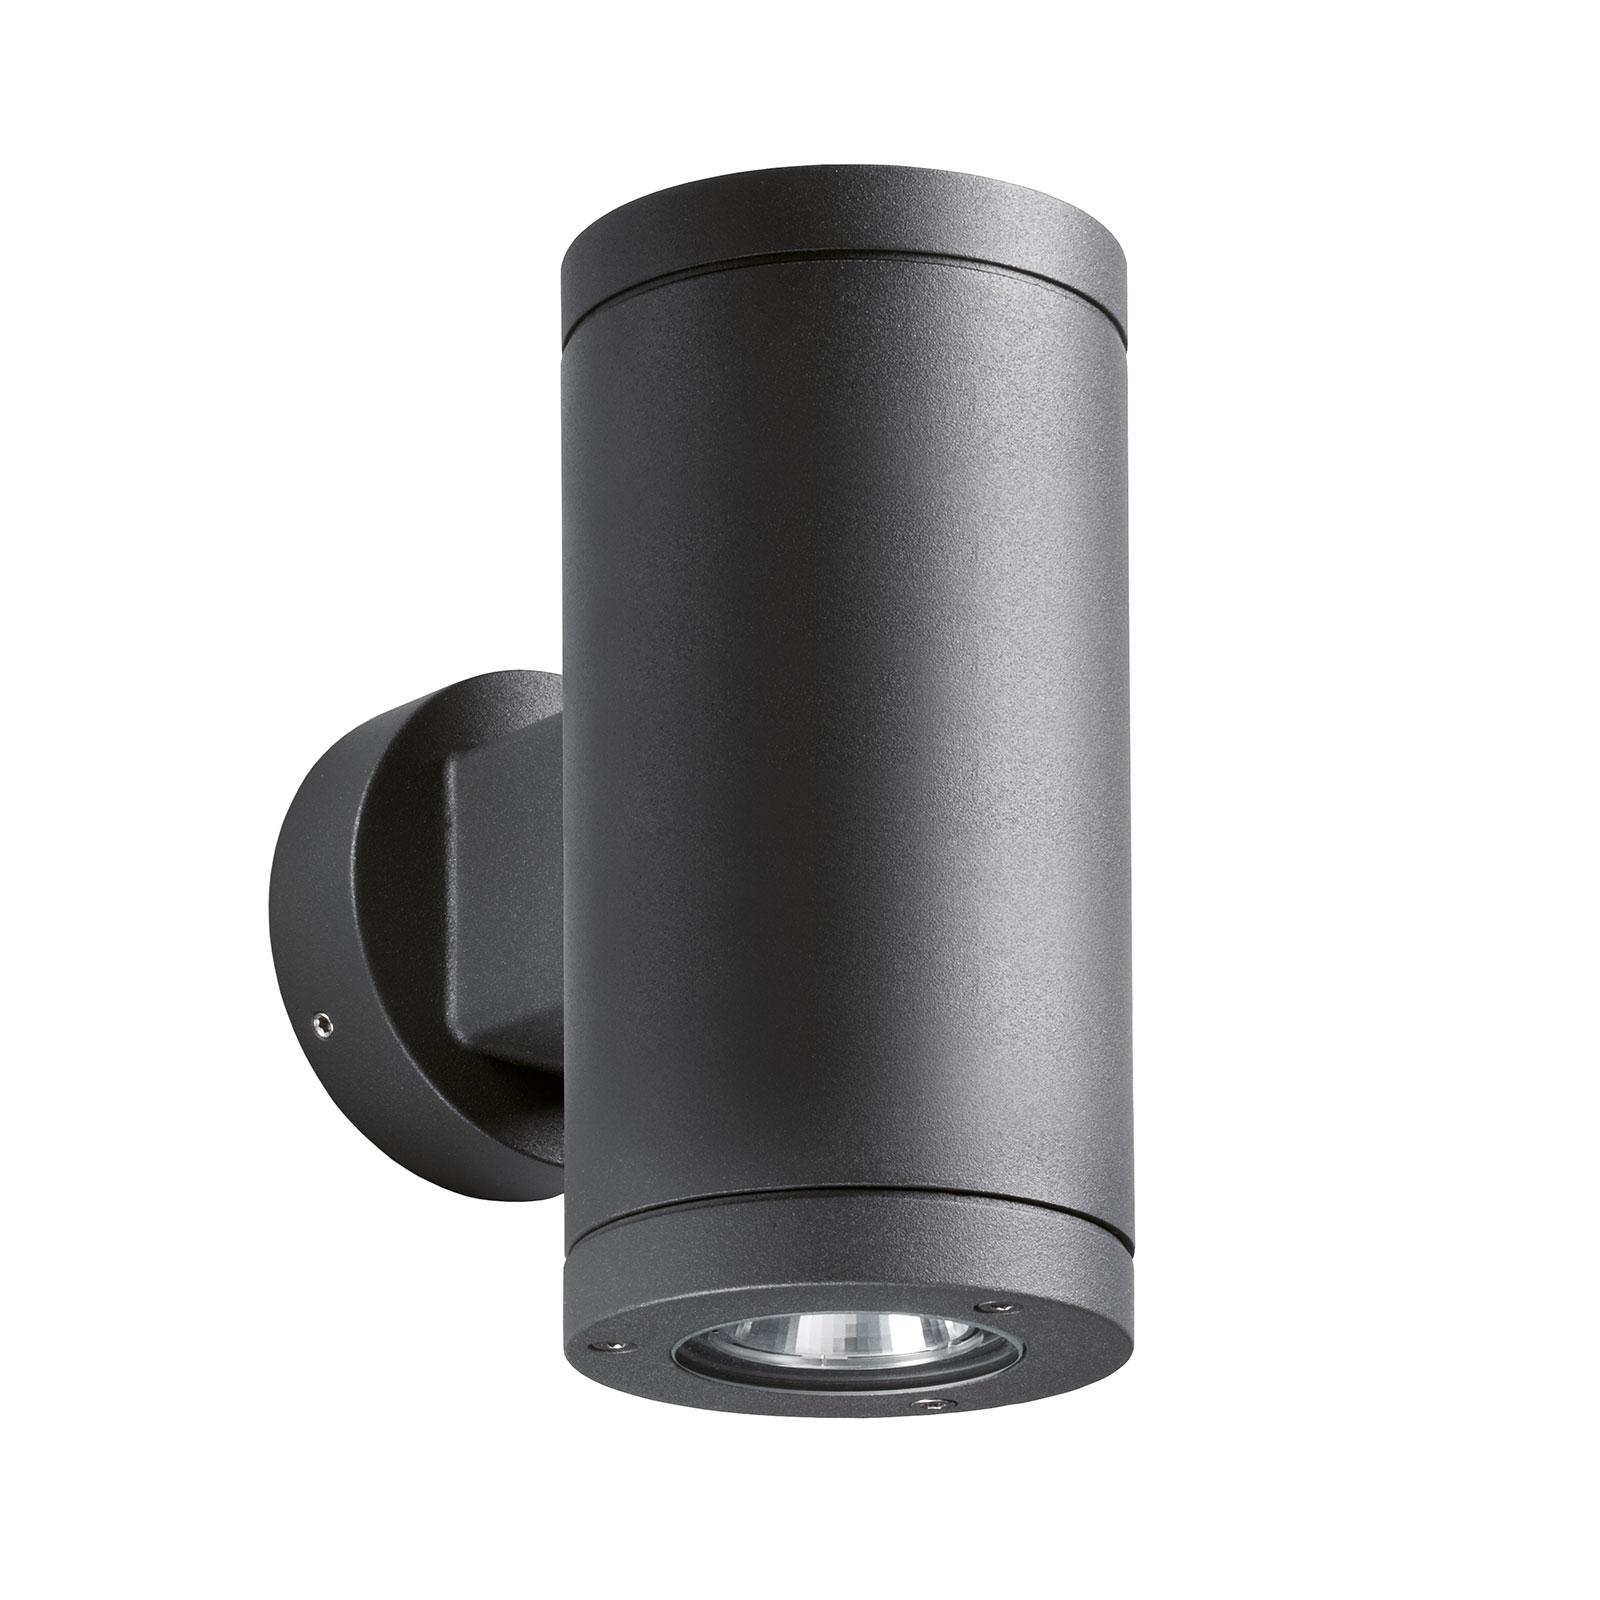 LED-Außenwandleuchte 1061 up/down, grafit 14°/54°